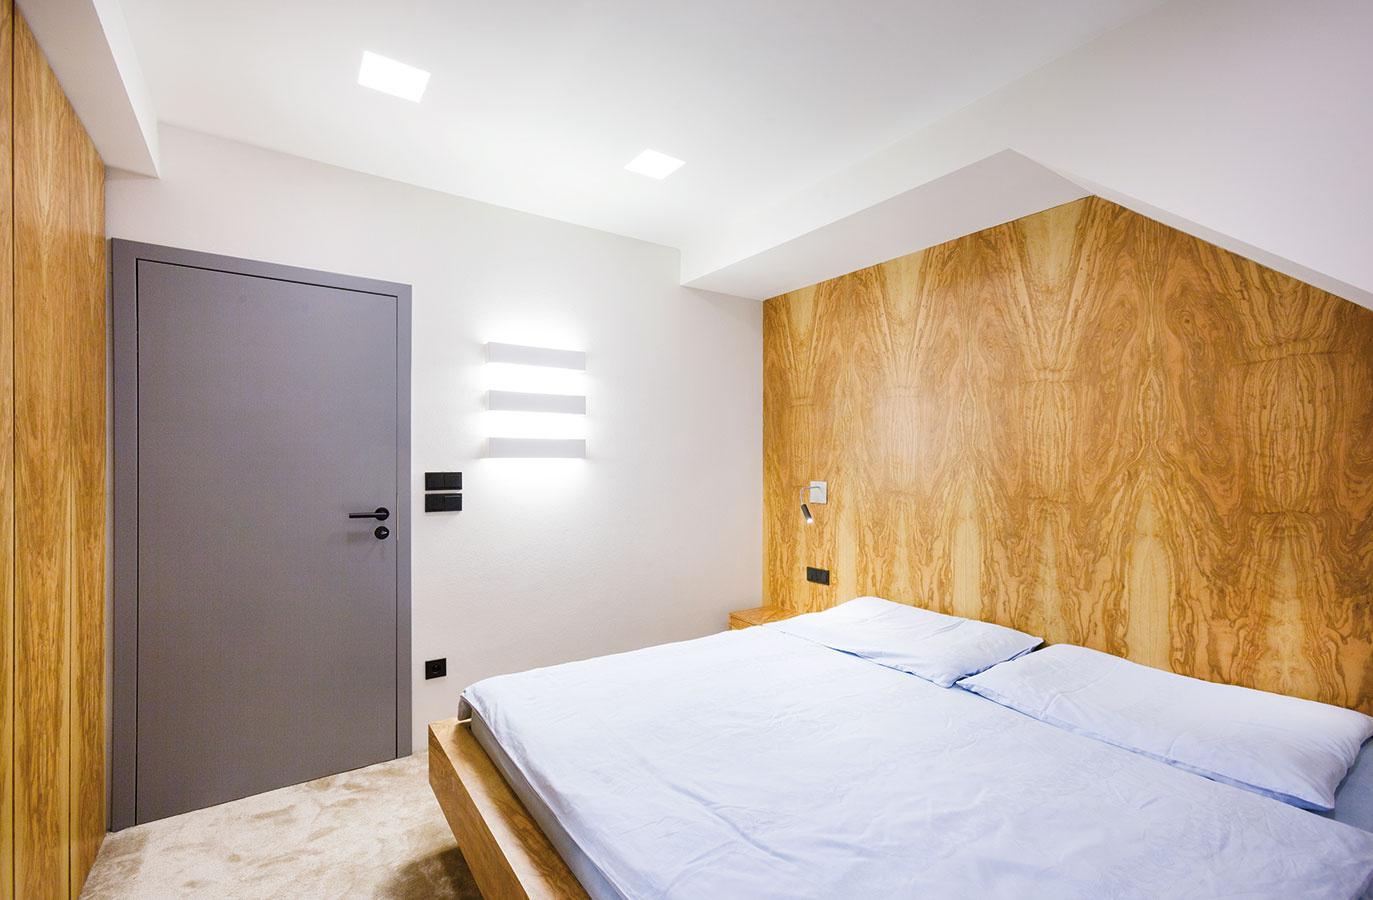 Všetok nábytok v spálni vrátane okenného parapetu je materiálovo zjednotený olivovou dyhou. Architekti sa pri jej návrhu voľne inšpirovali konceptom olivového hája.